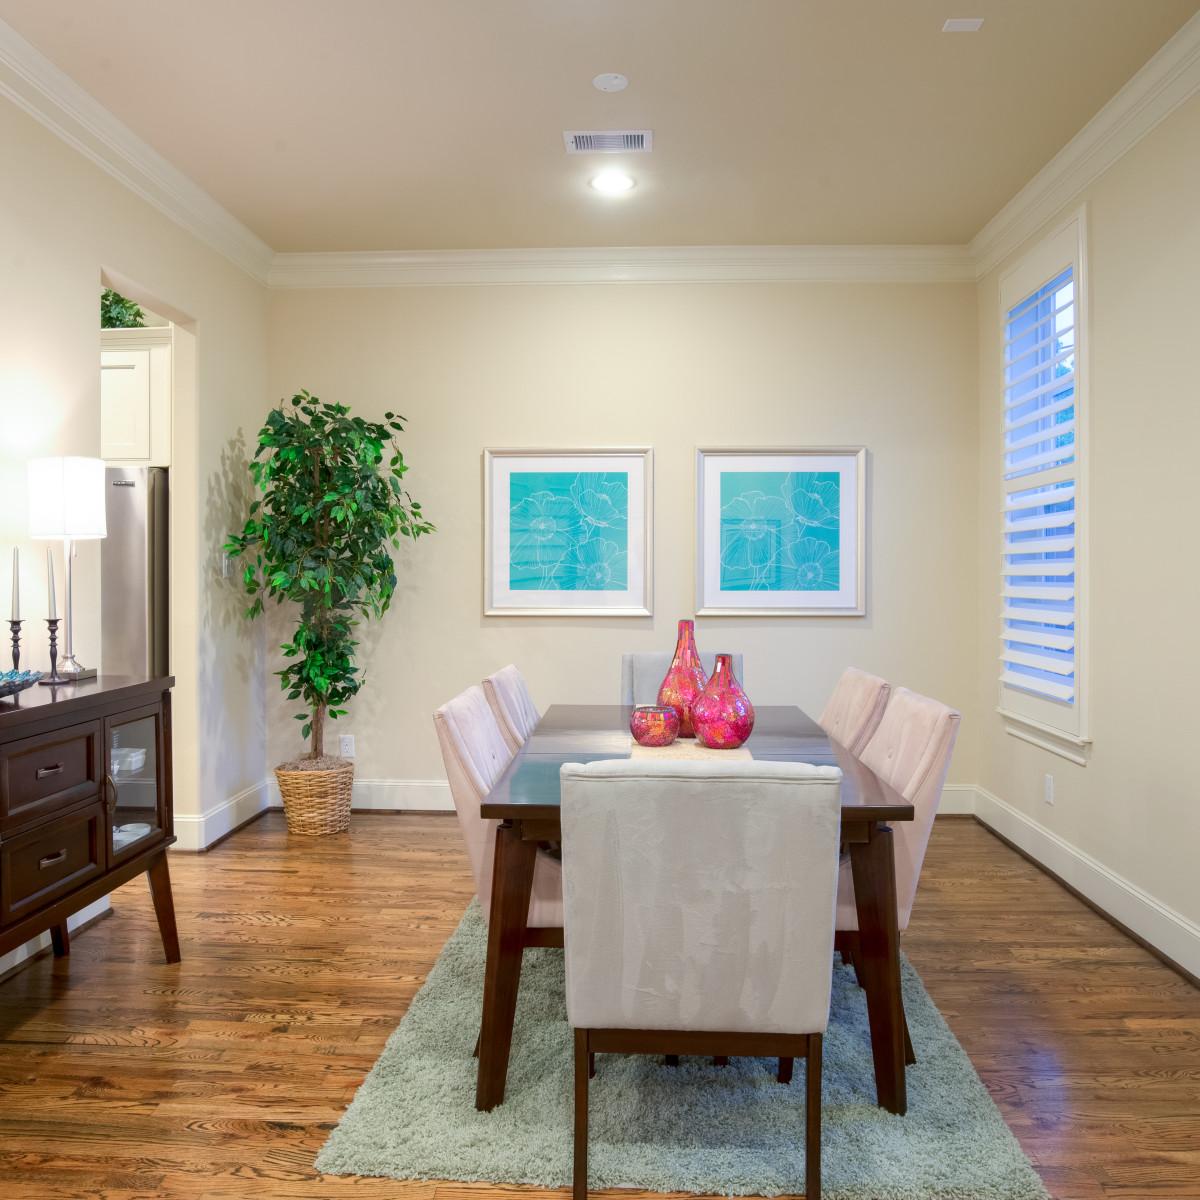 Houston, 1216 Bomar, June 2015, dining room